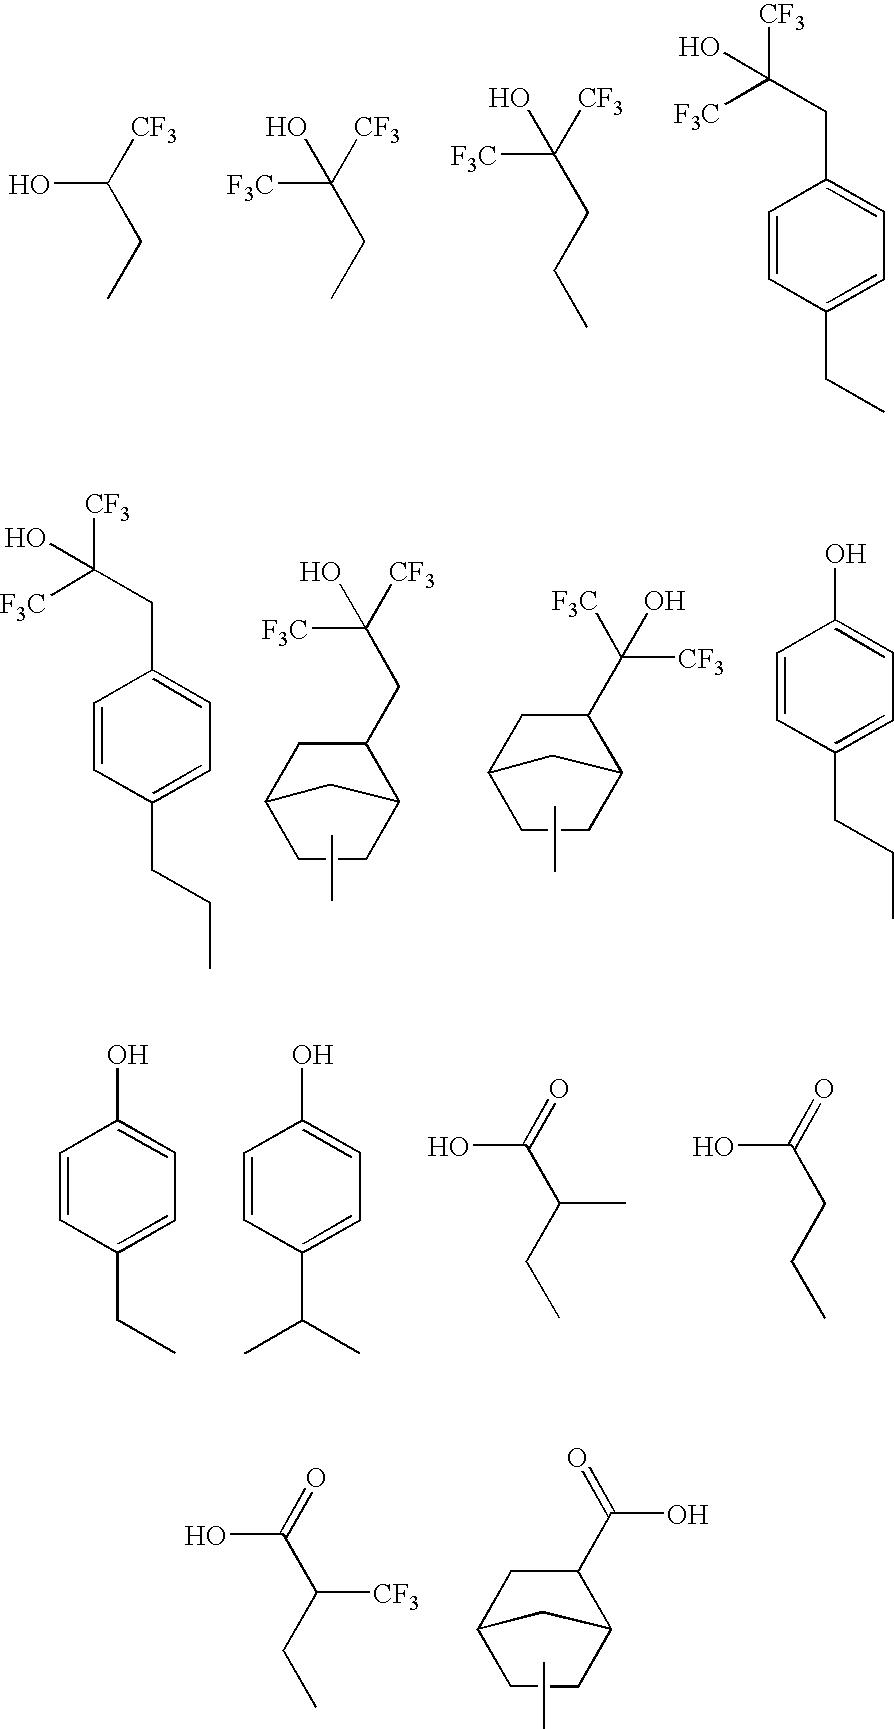 Figure US08450854-20130528-C00002